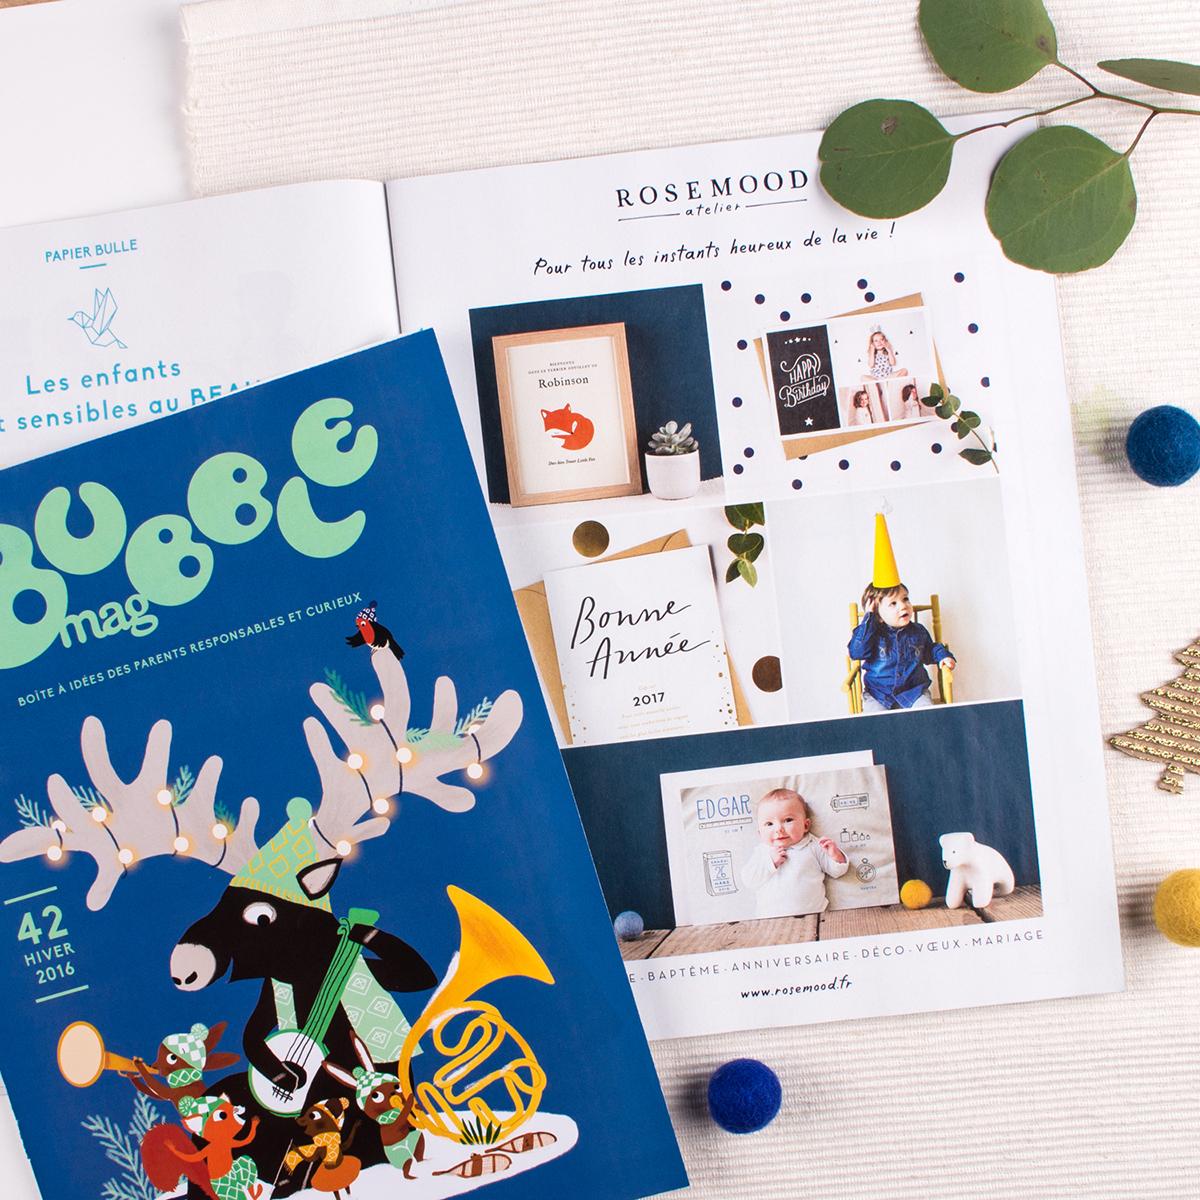 Encart publicité dans le magazine Bubble Mag avec couv